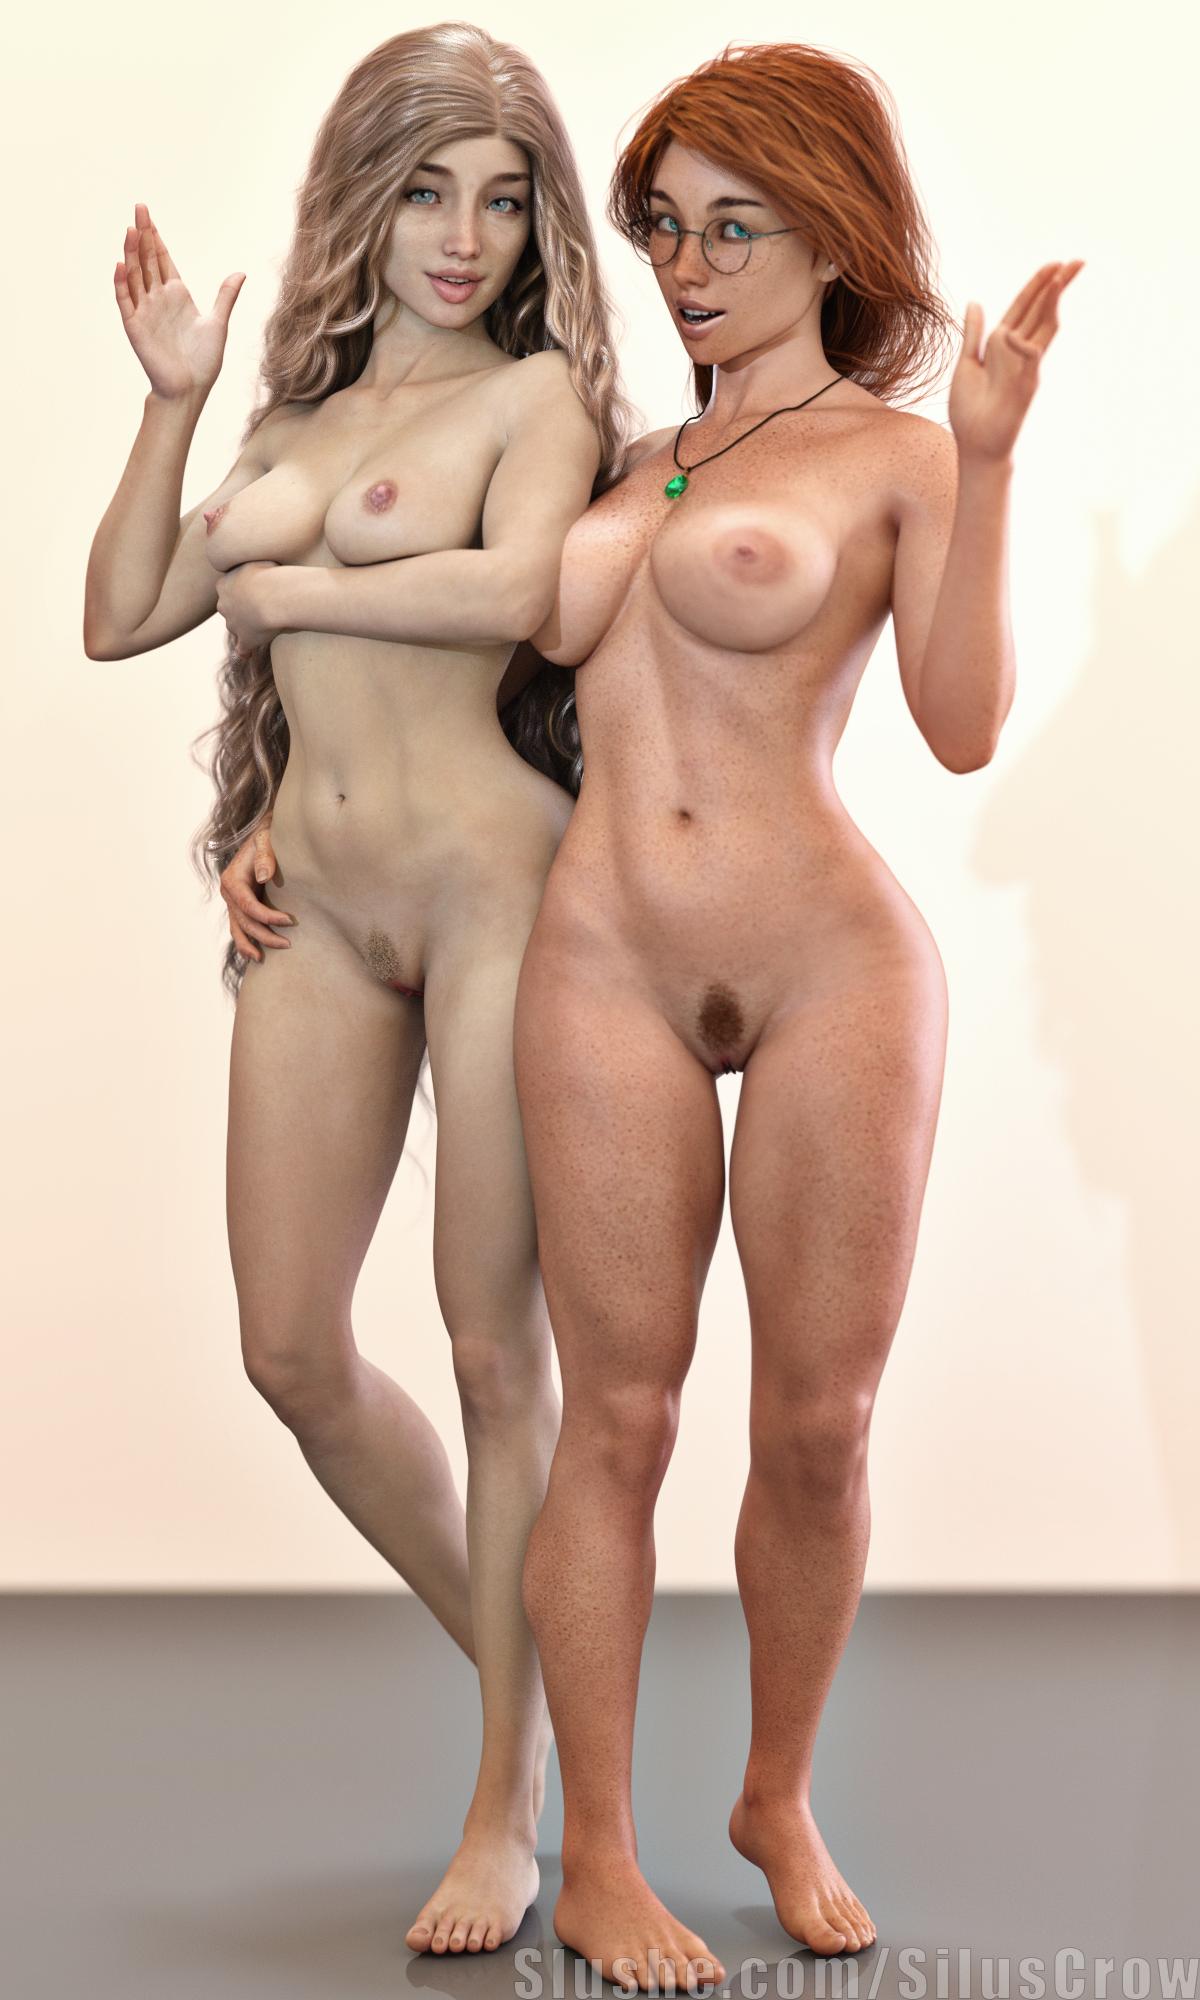 Fan Art - Cassie & Kendall